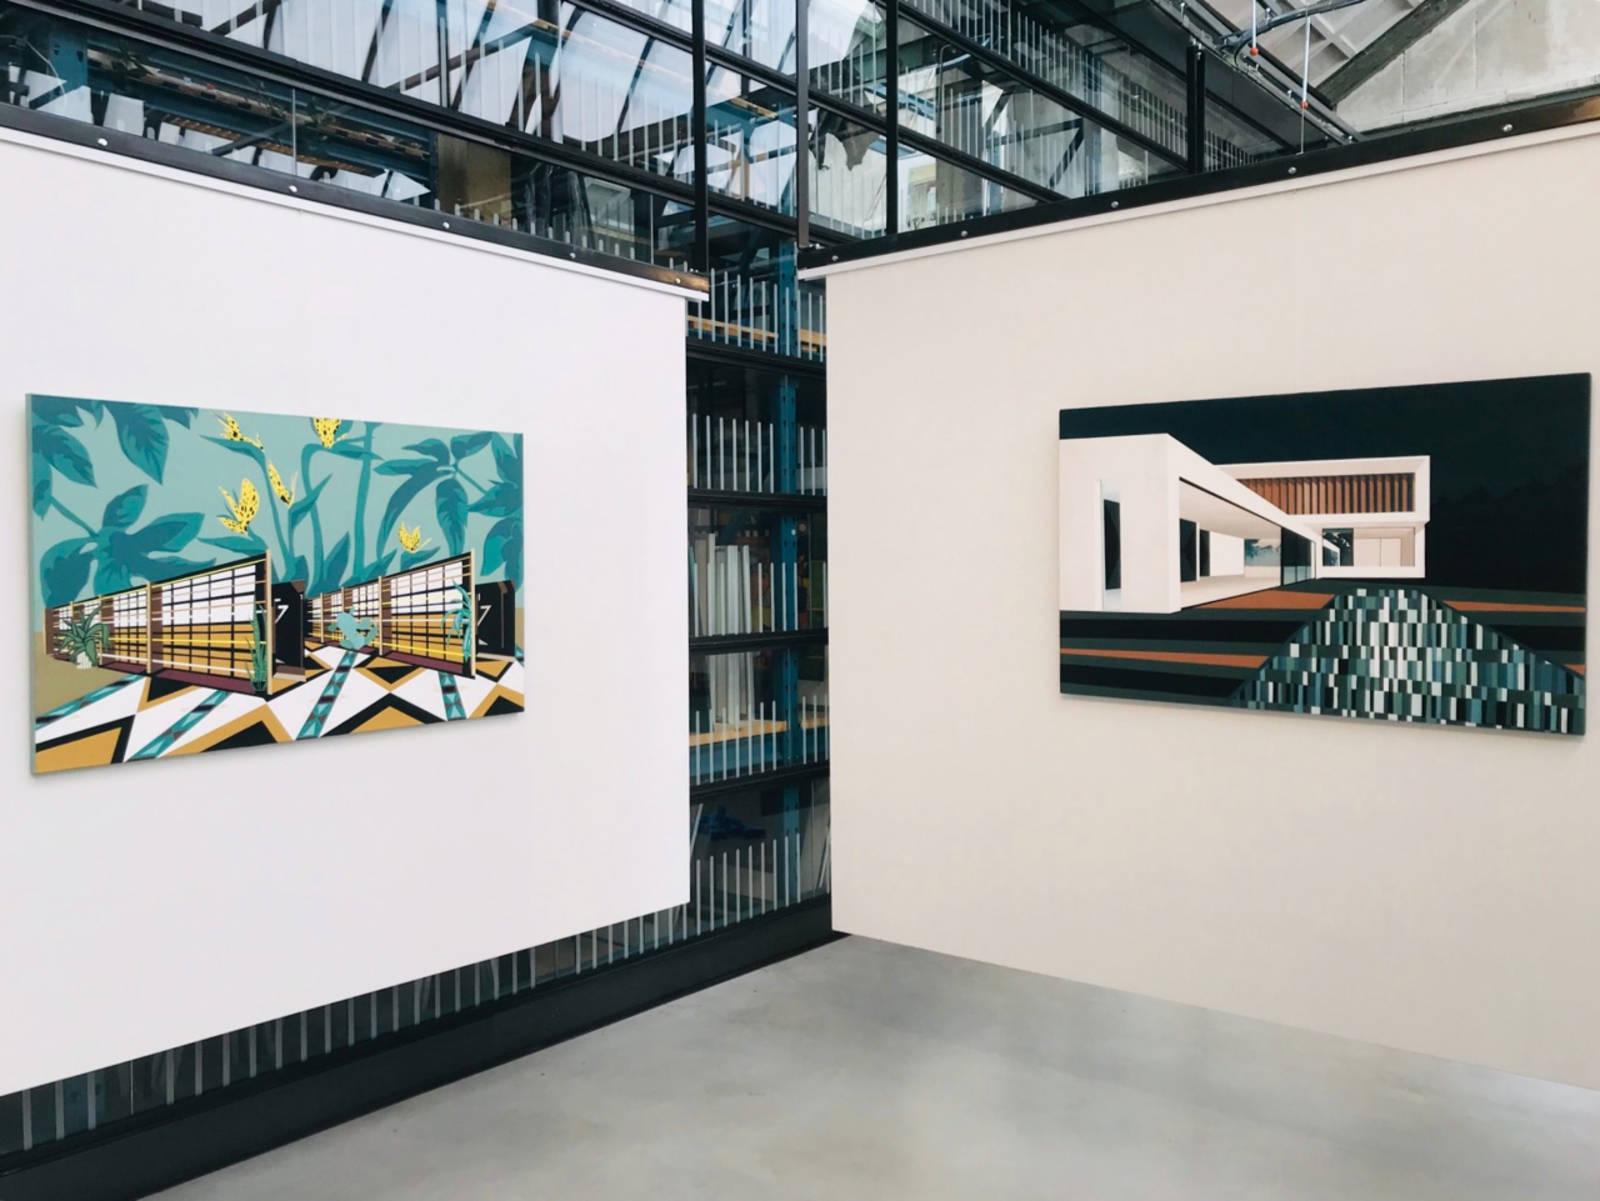 Exhibition Art Zaanstad: Be Smart, Rent Art